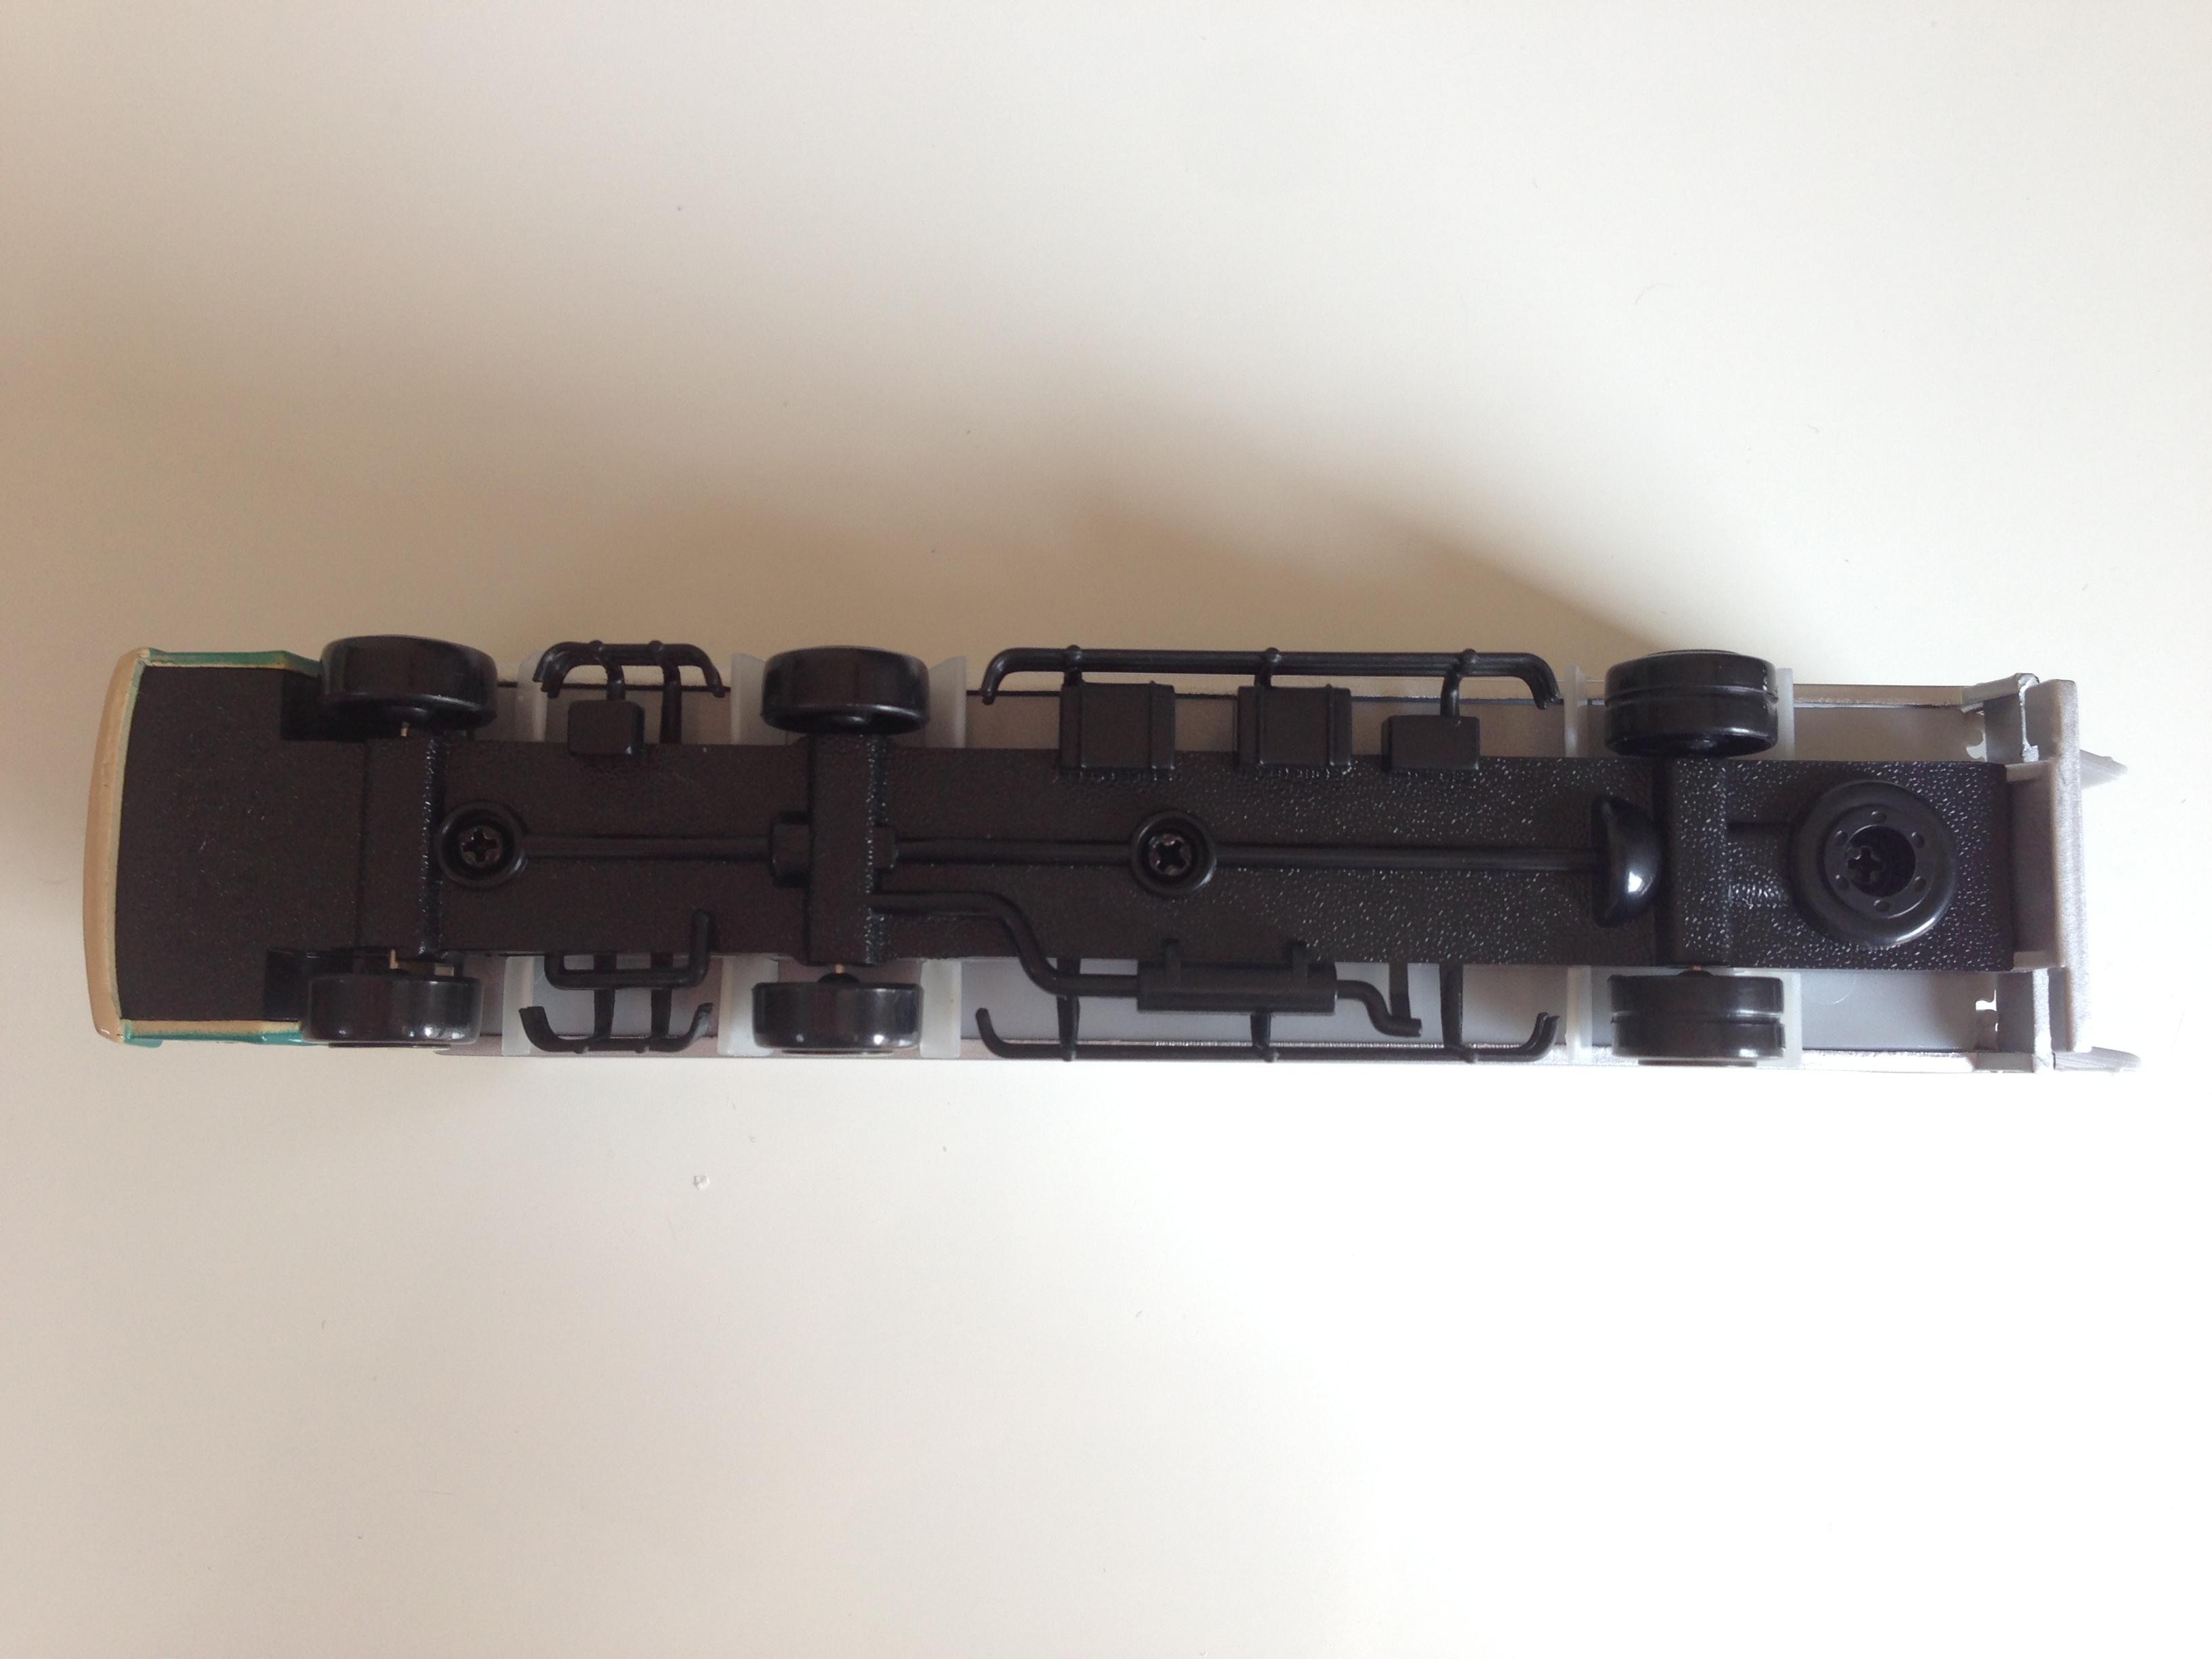 クロネコ10tトラック-005